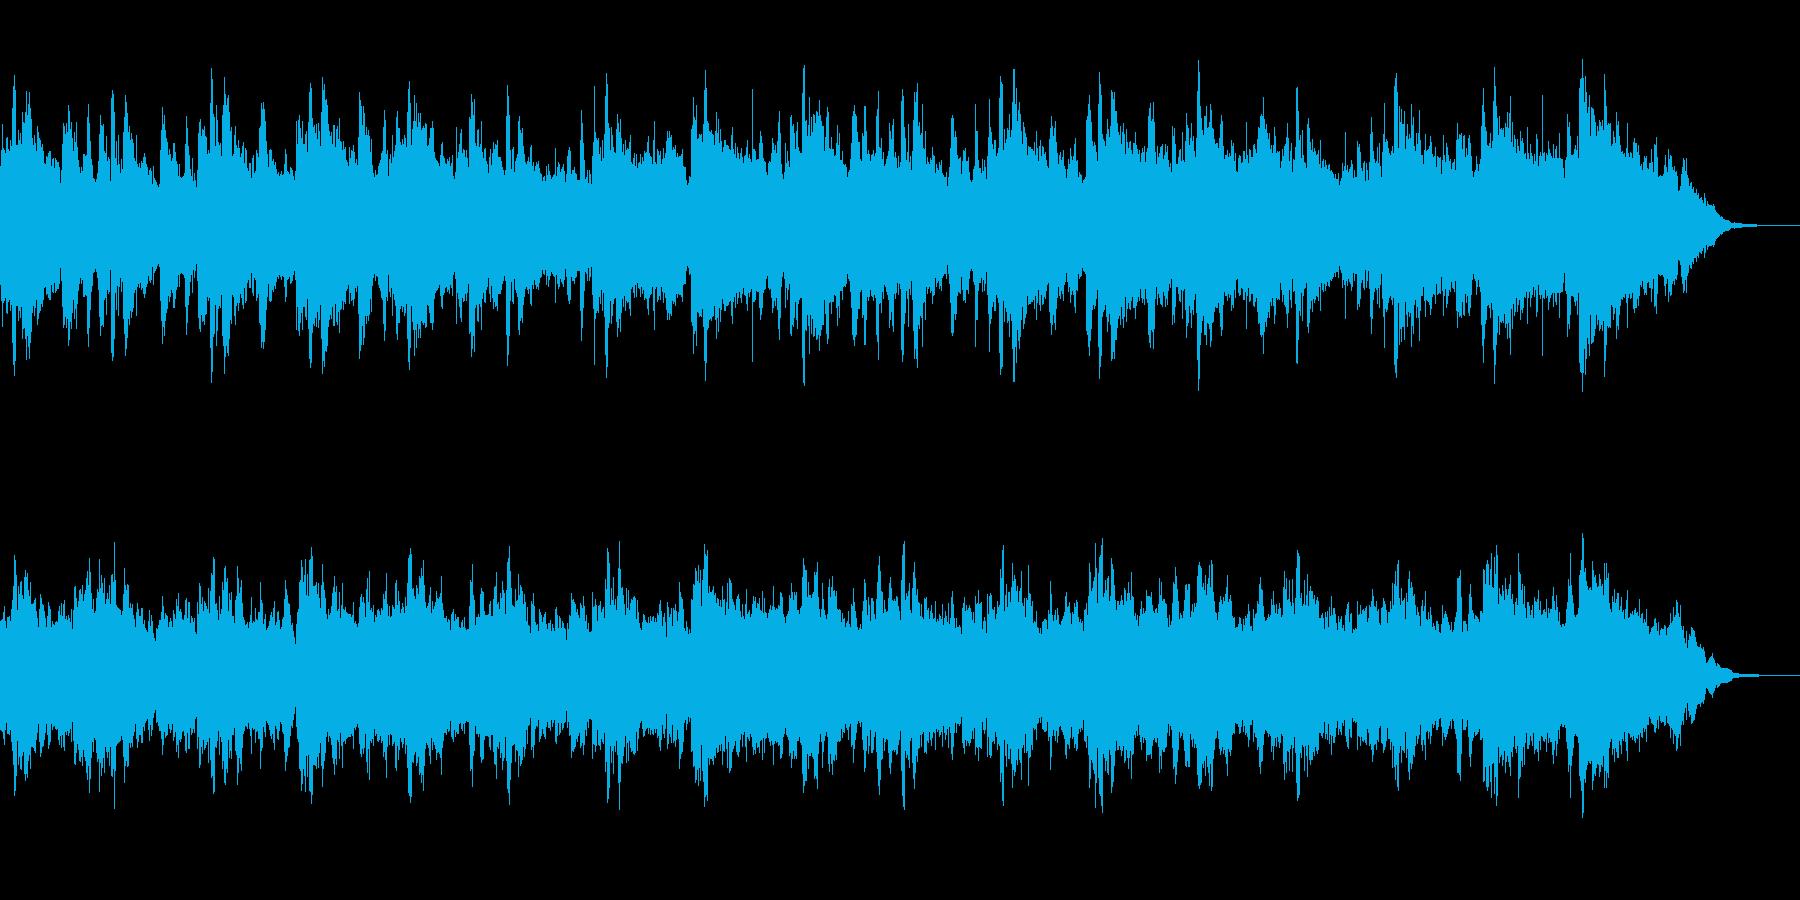 幻想的で落ち着いたアンビエント4の再生済みの波形